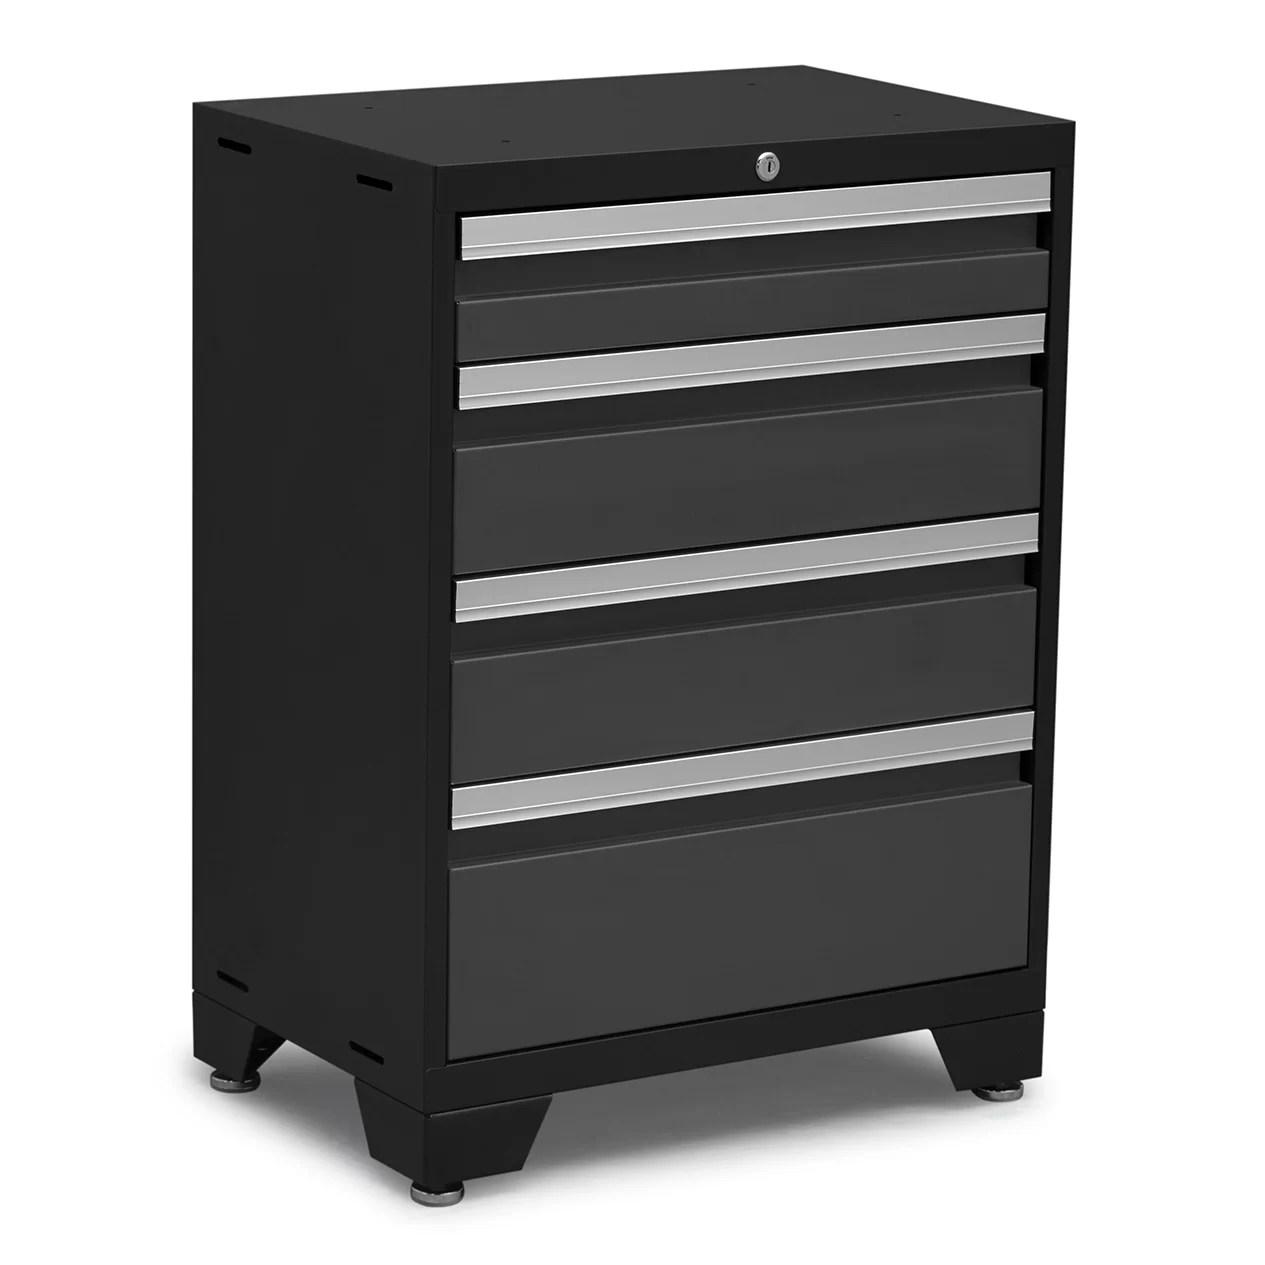 NewAge Products Bold 30 Series 8 Piece Garage Storage